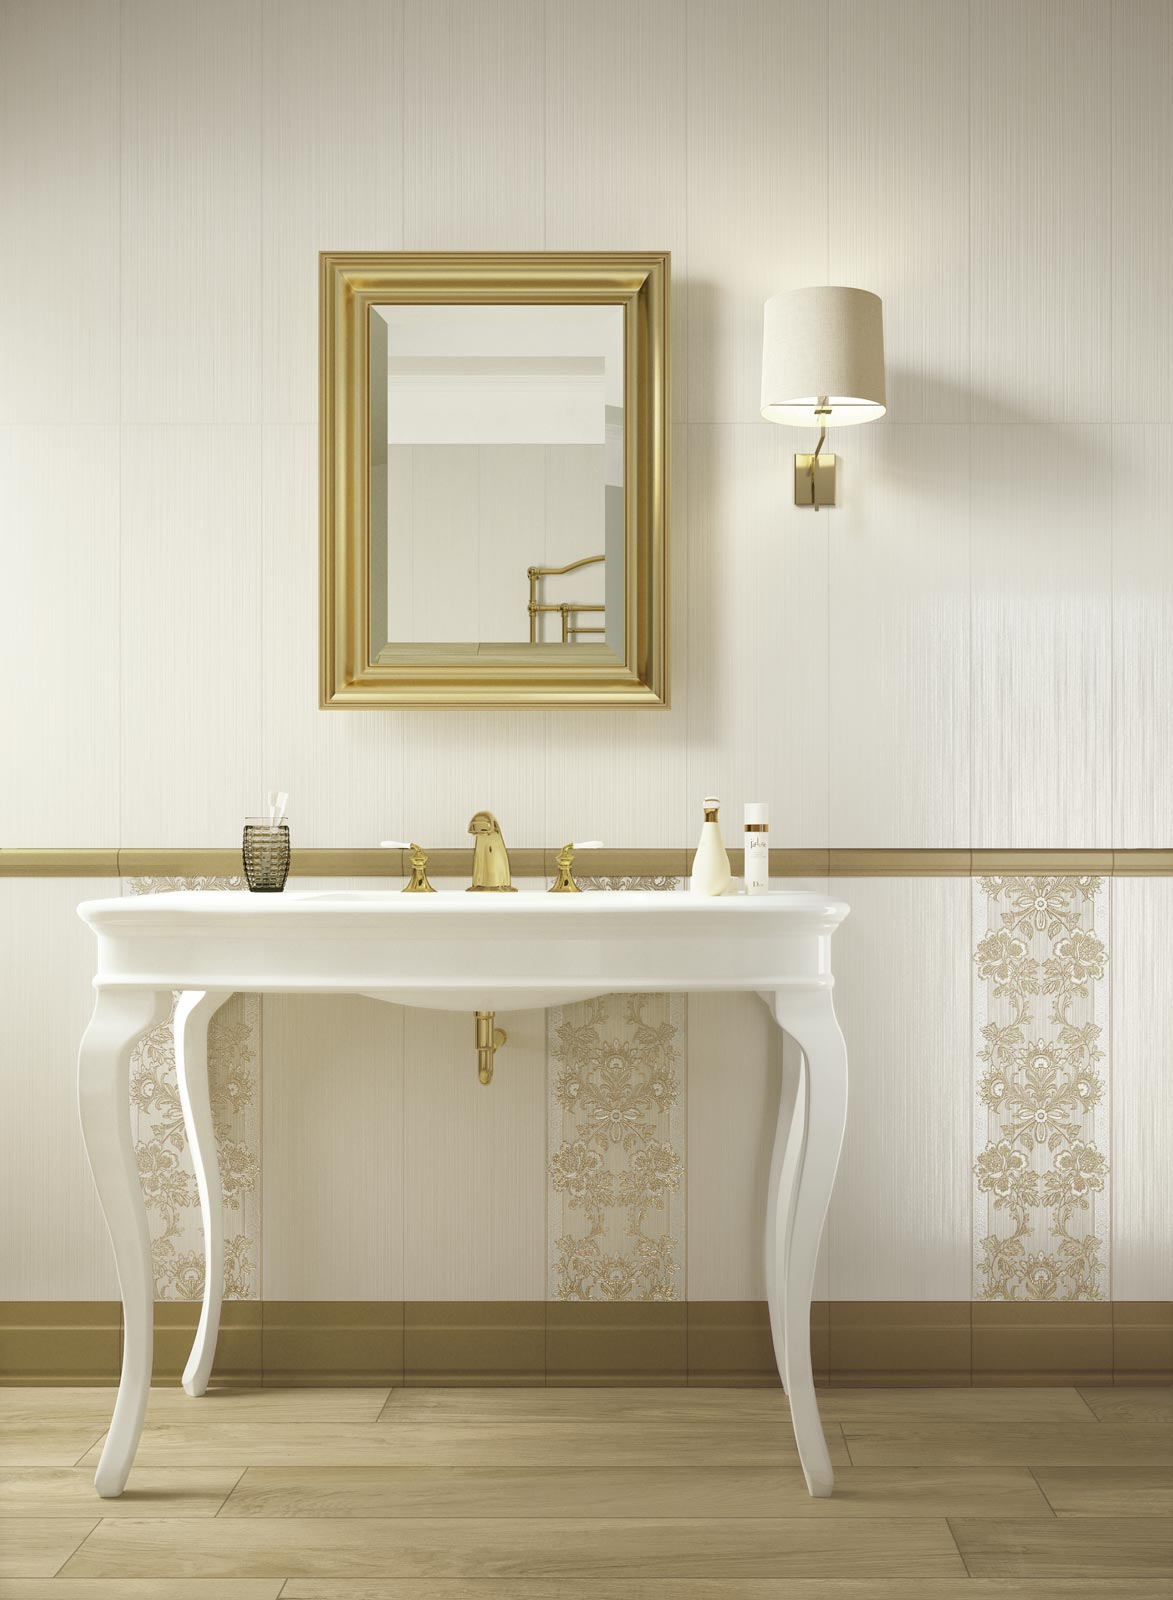 wallpaper piastrelle in ceramica ragno_6074